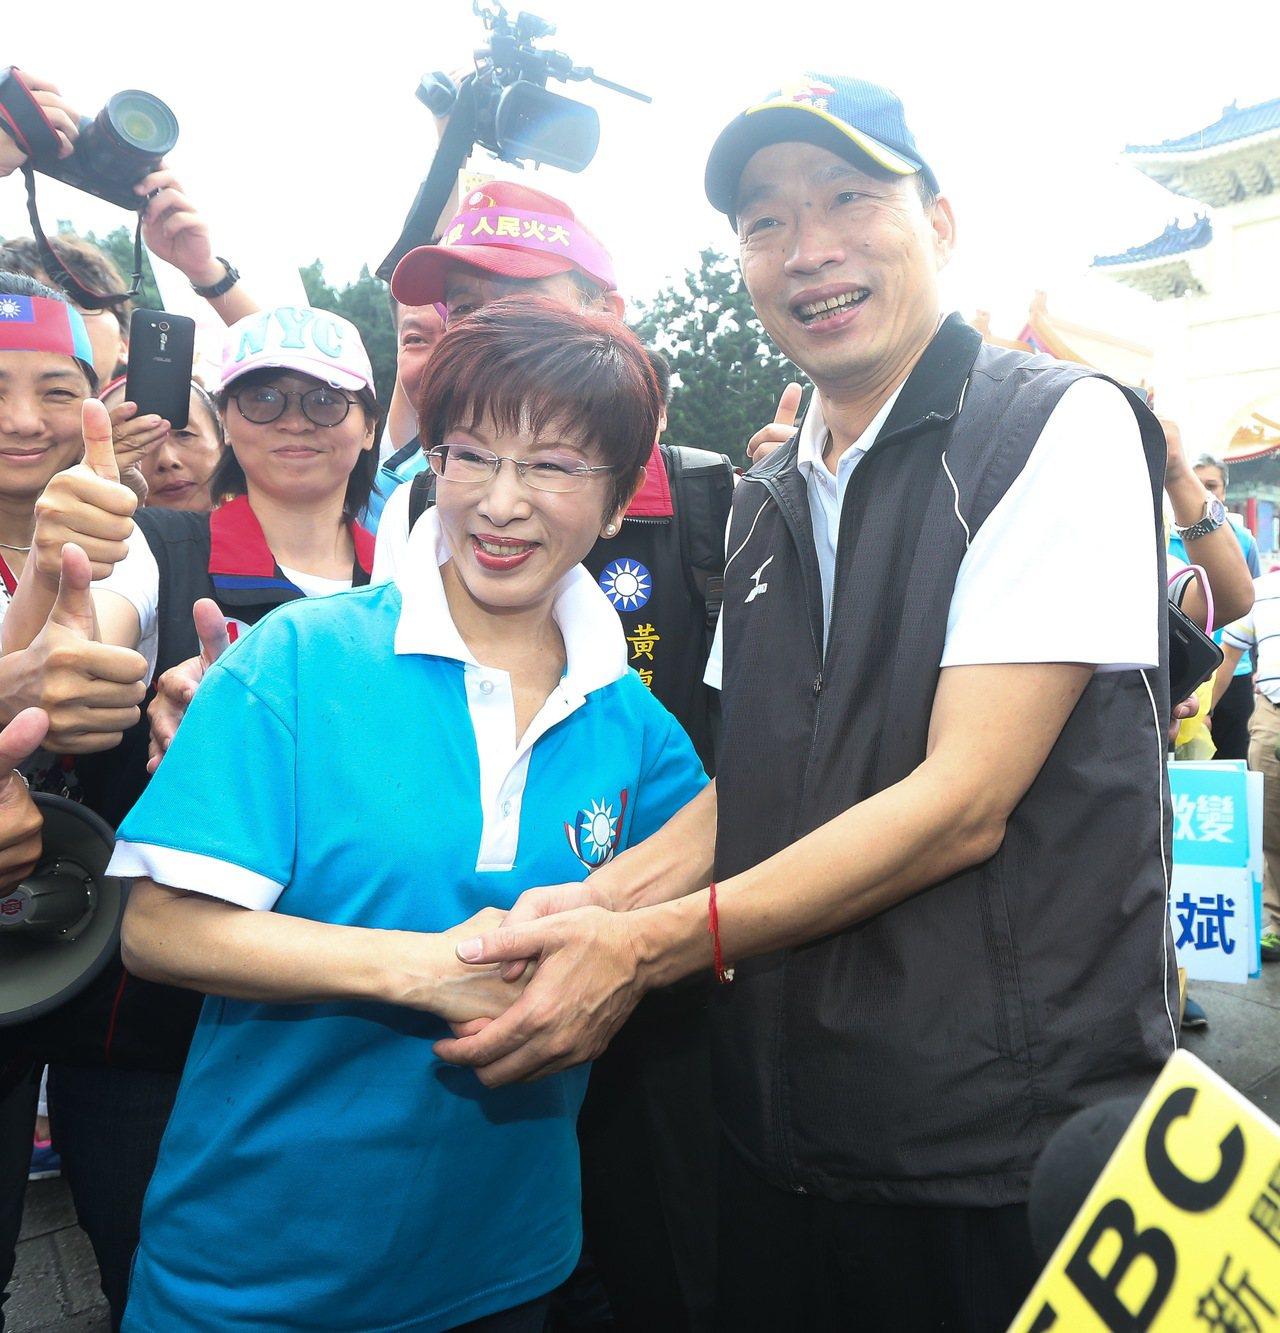 國民黨前主席洪秀柱(左)與高雄市長韓國瑜。本報資料照片